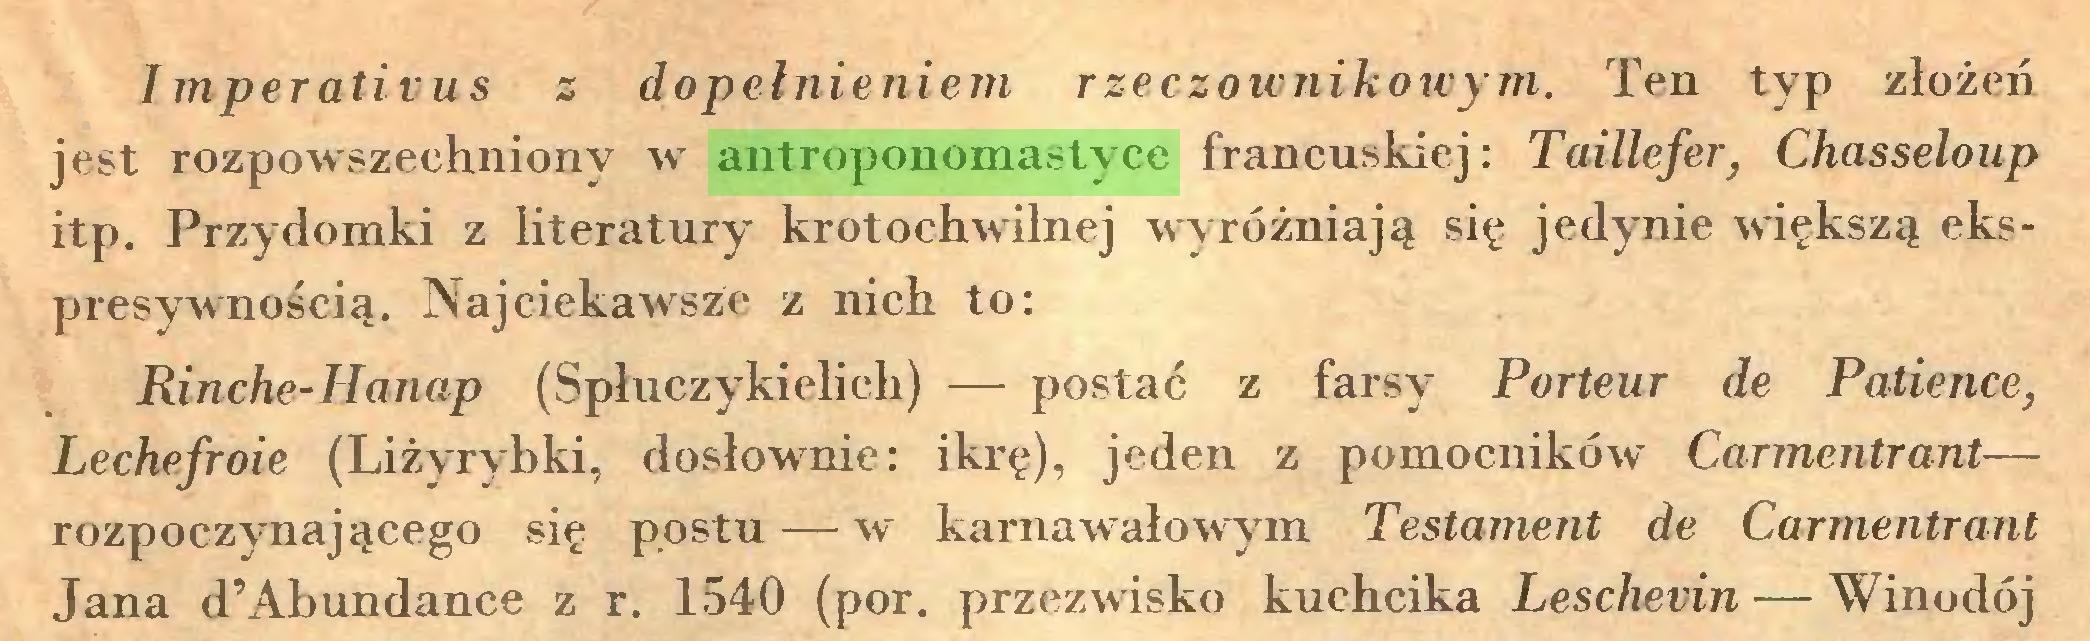 (...) Imperativus z dopełnieniem rzeczownikowym. Ten typ złożeń jest rozpowszechniony w antroponomastyce francuskiej: Taillefer, Chasseloup itp. Przydomki z literatury krotochwilnej wyróżniają się jedynie większą ekspresywnością. Najciekawsze z nich to: Rinche-Hanap (Spłuczykielich) — postać z farsy Porteur de Patience, Lechefroie (Liżyrybki, dosłownie: ikrę), jeden z pomocników Carmentrant— rozpoczynającego się postu—-w karnawałowym Testament de Carmentrant Jana d'Abundance z r. 1540 (por. przezwisko kuchcika Leschevin — Winodój...